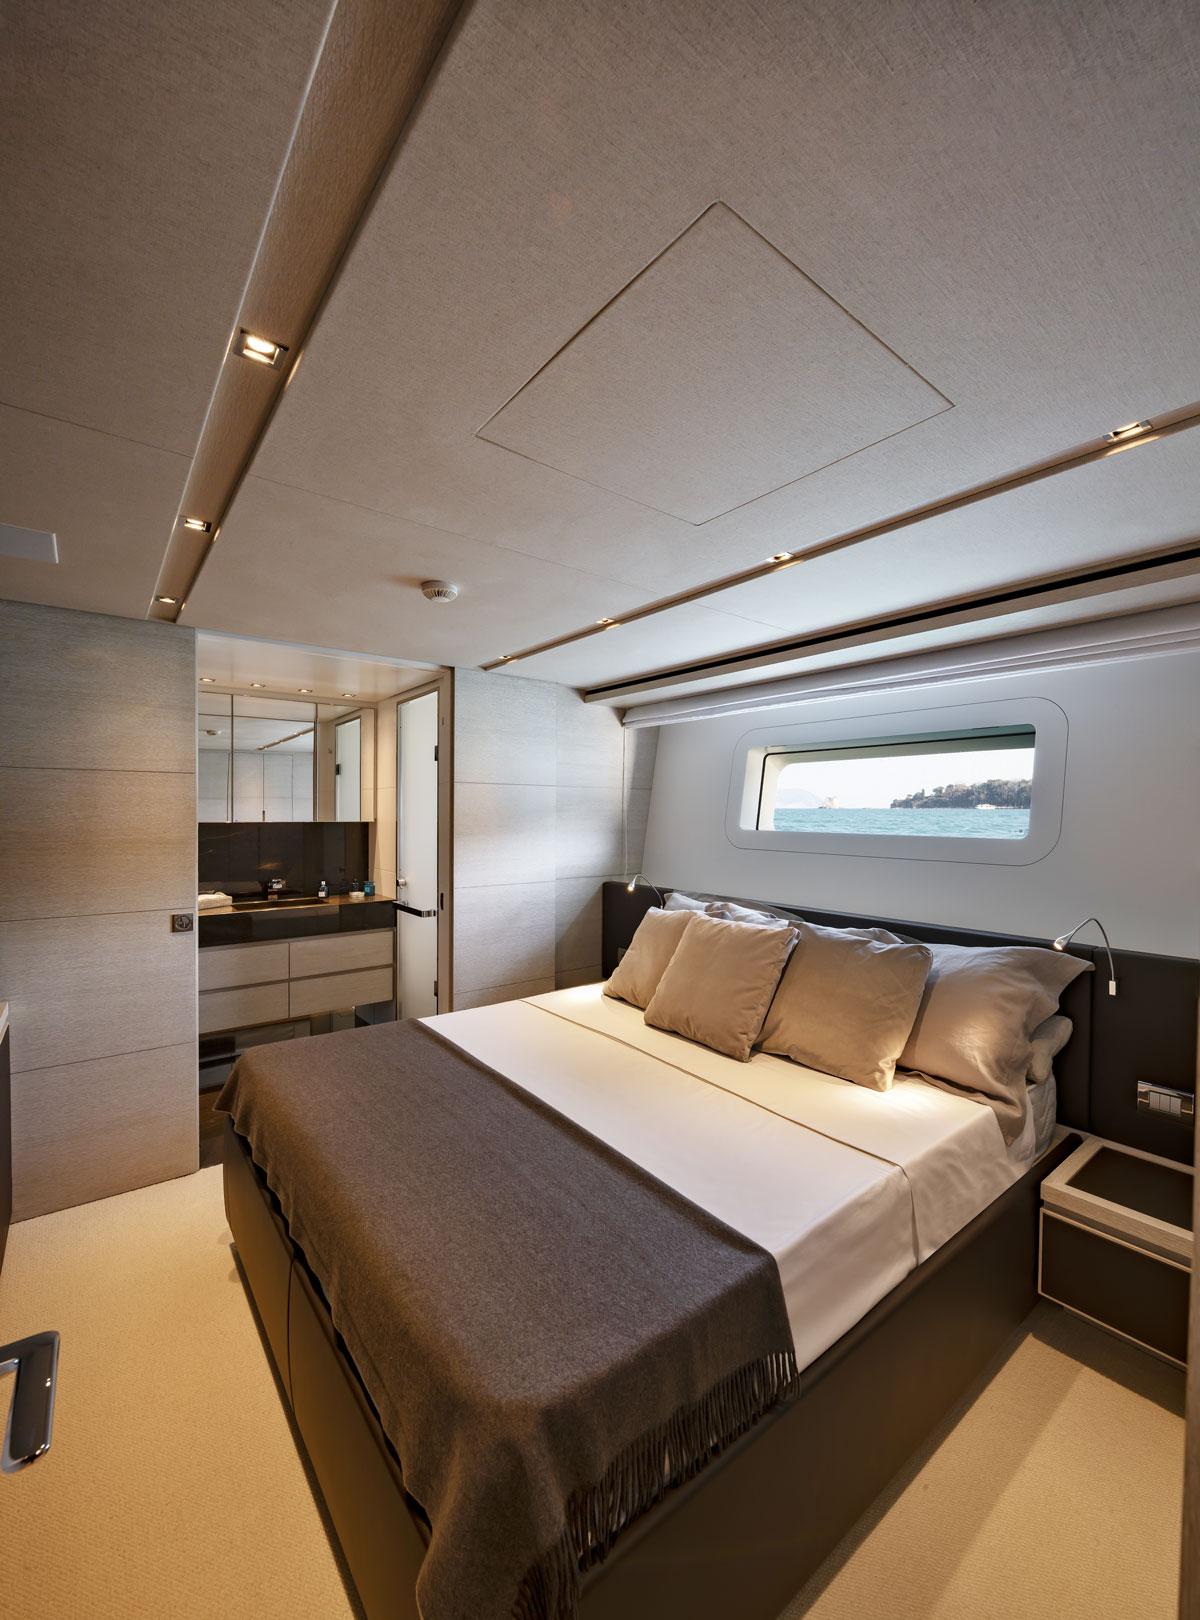 cabina ospiti sd 112